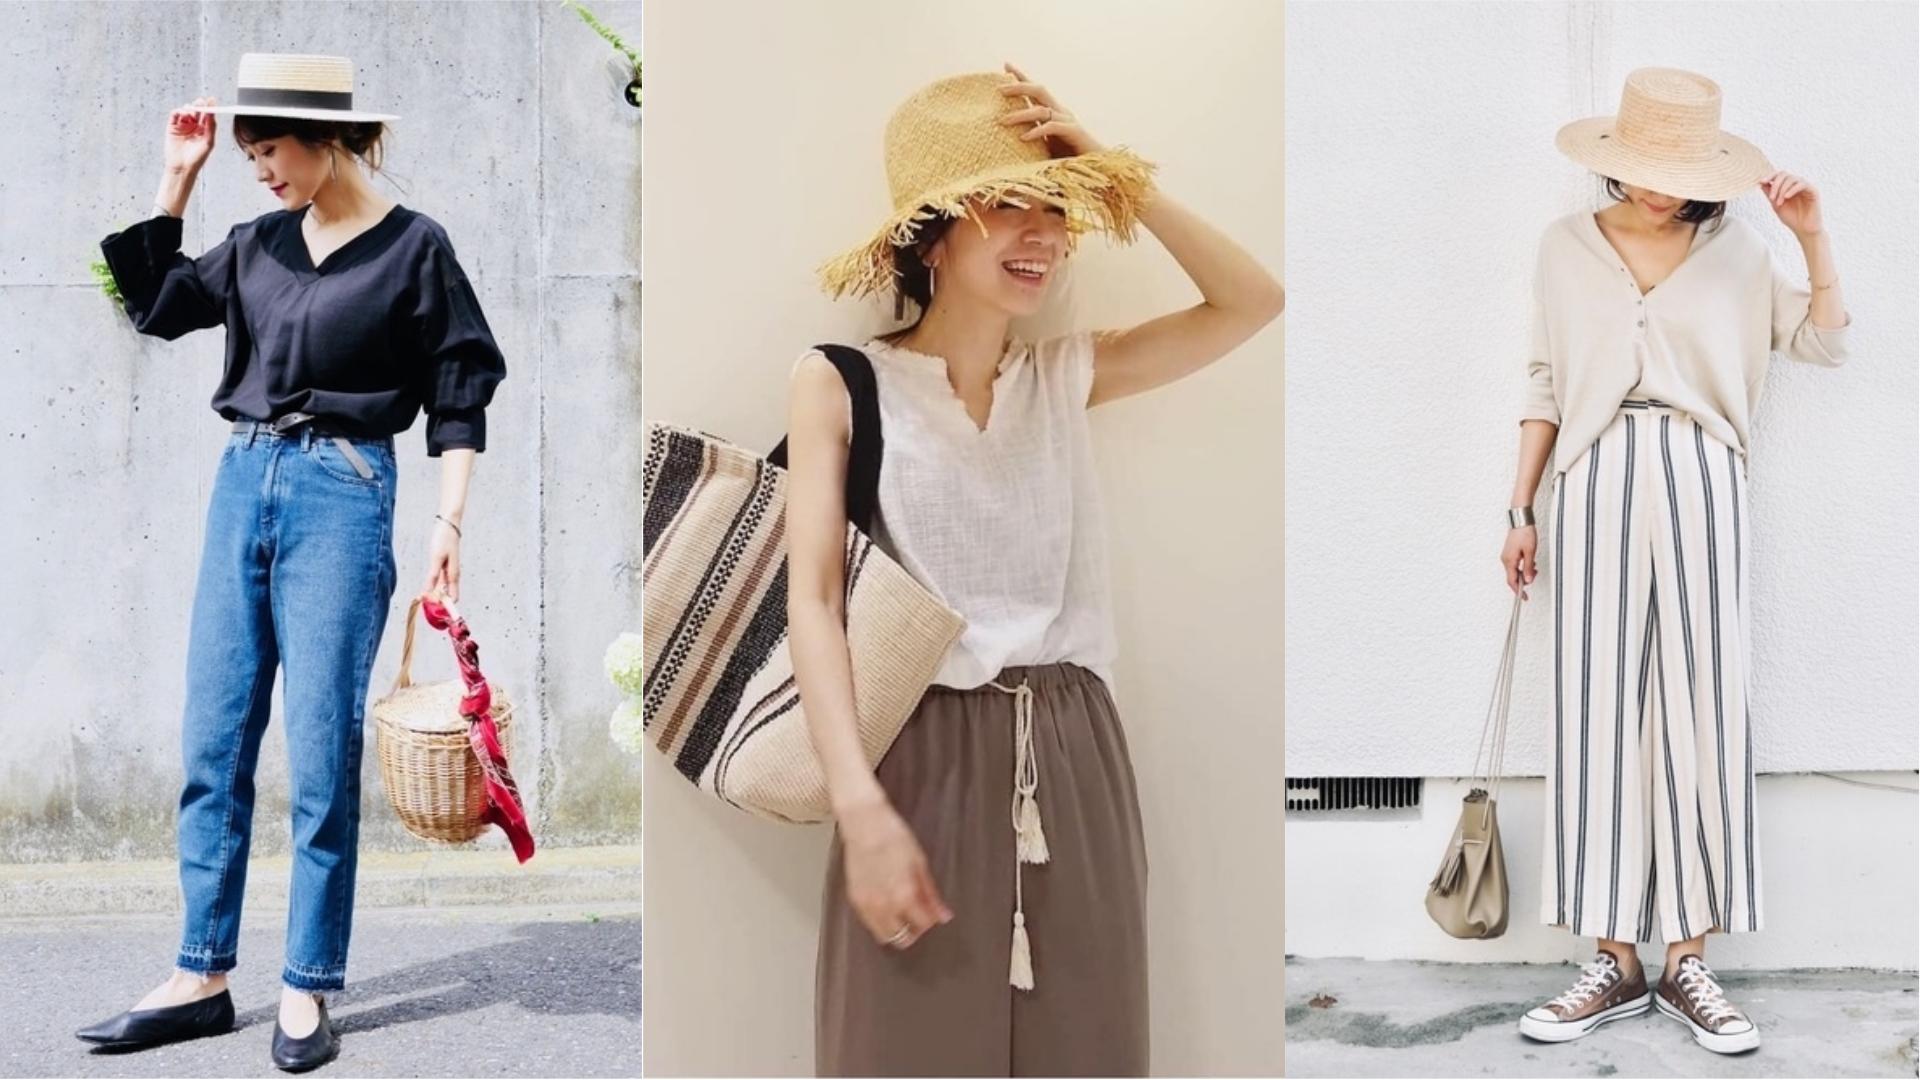 今夏帽款選這頂!看日本女生利用編織帽完成時髦穿搭